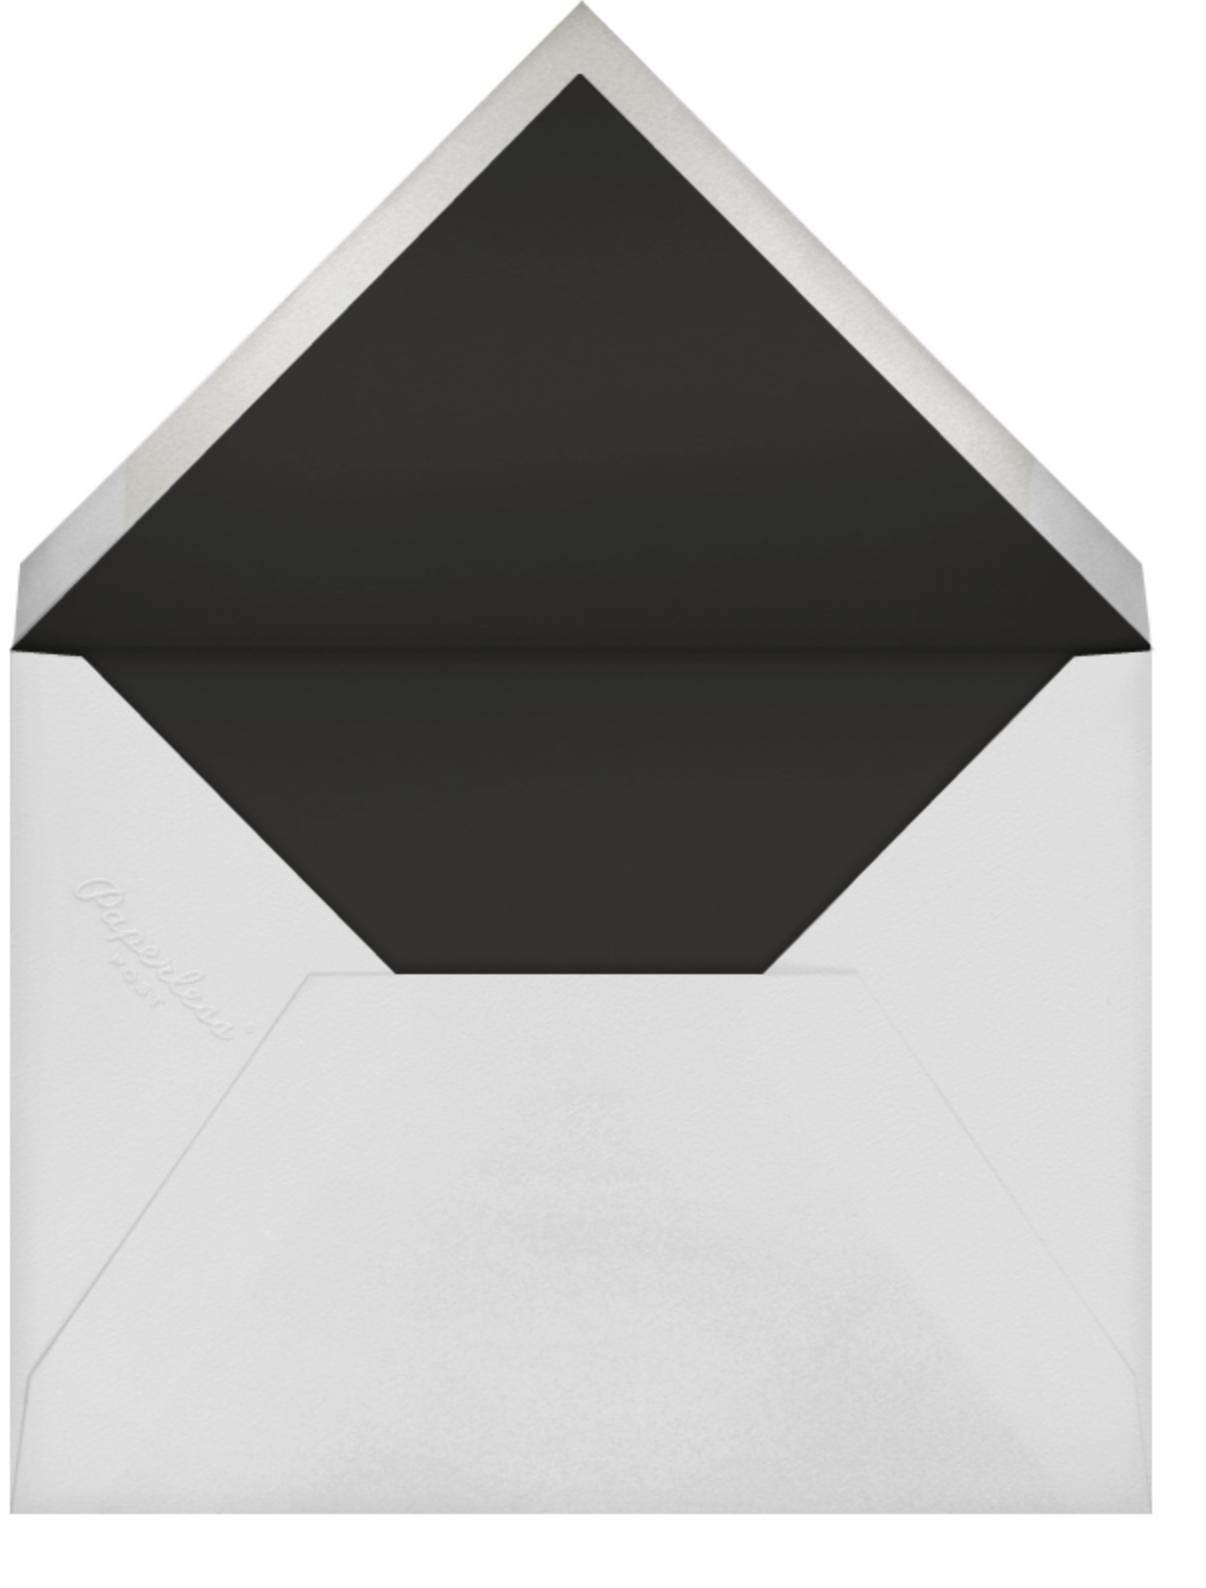 Pop Carnation (Stationery) - Oscar de la Renta - Personalized stationery - envelope back